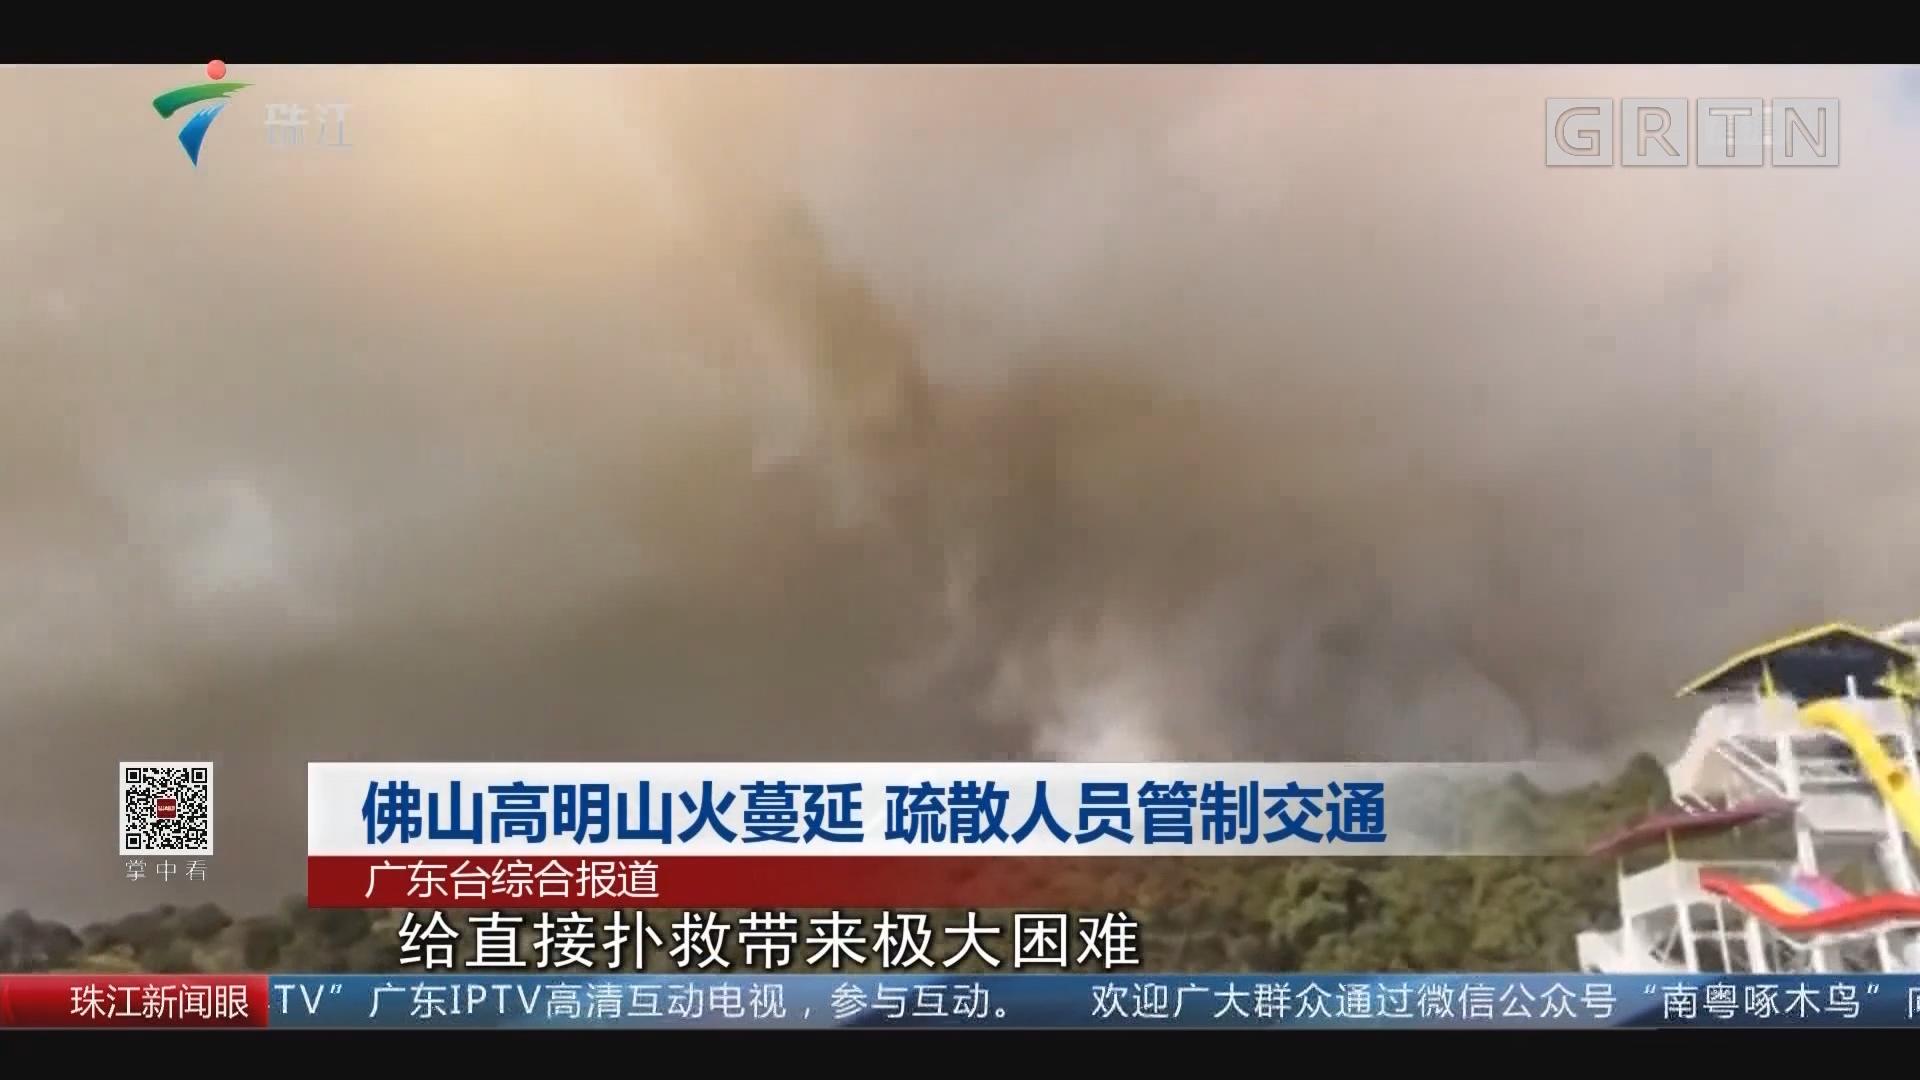 佛山高明山火蔓延 疏散人员管制交通